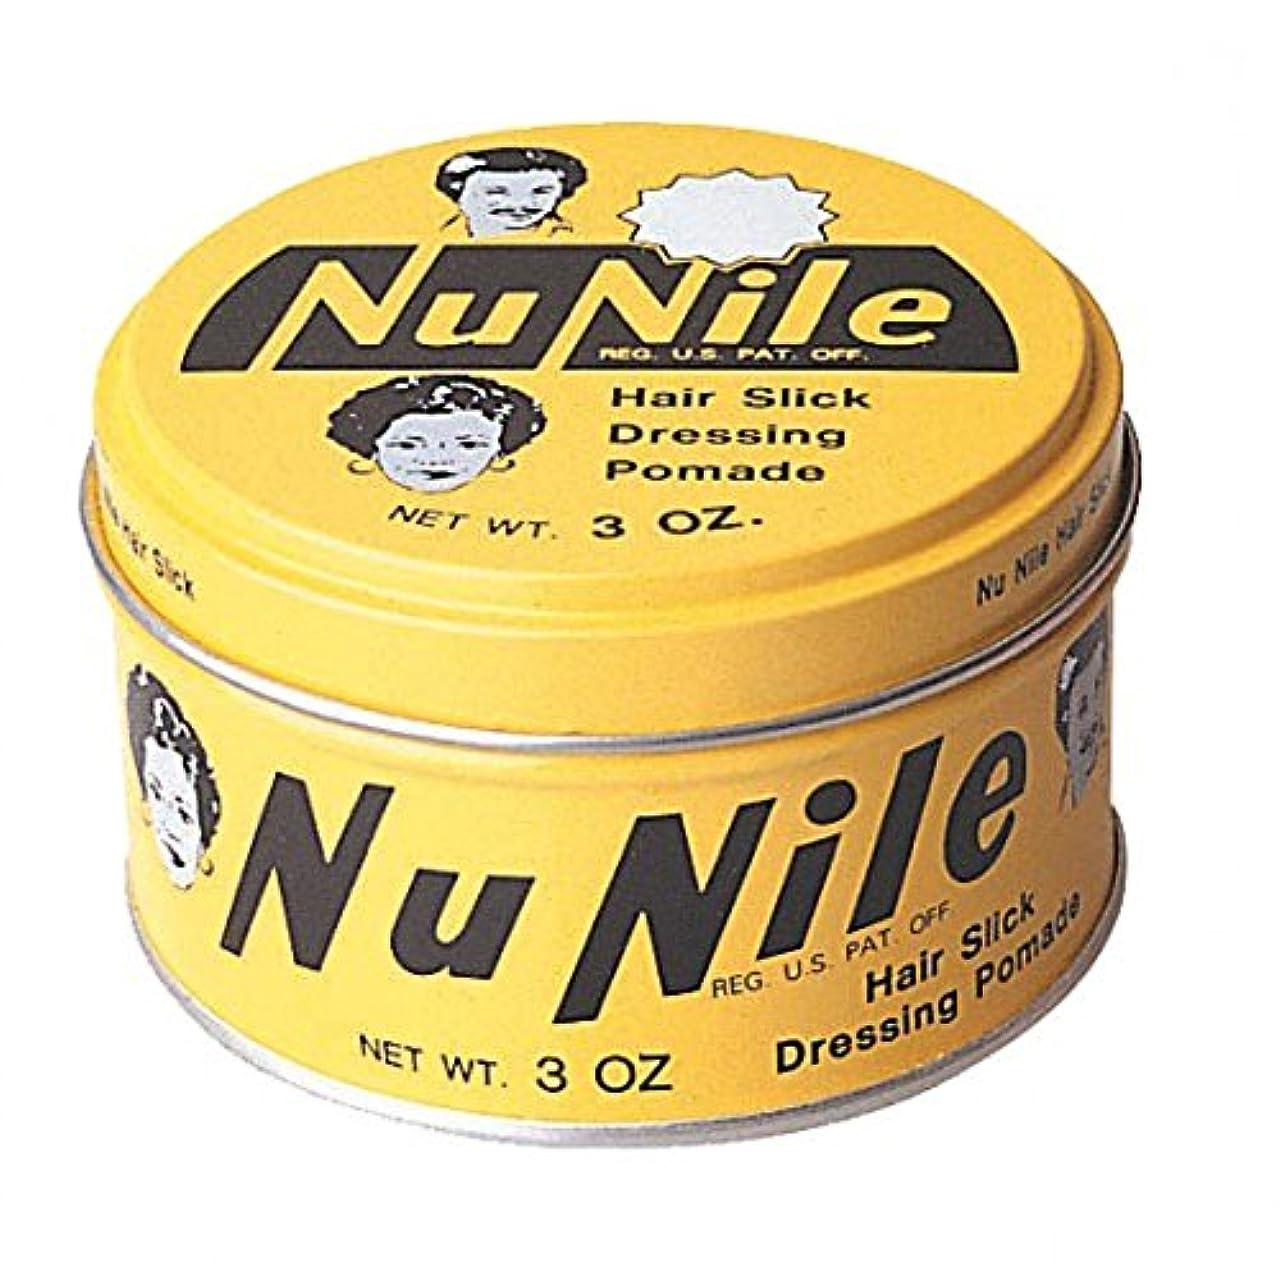 摩擦リスキーなまだMURRAY'S(ブランド) マーレーズ Nu-Nile/ポマード/香水?コスメ 【公式/オフィシャル】